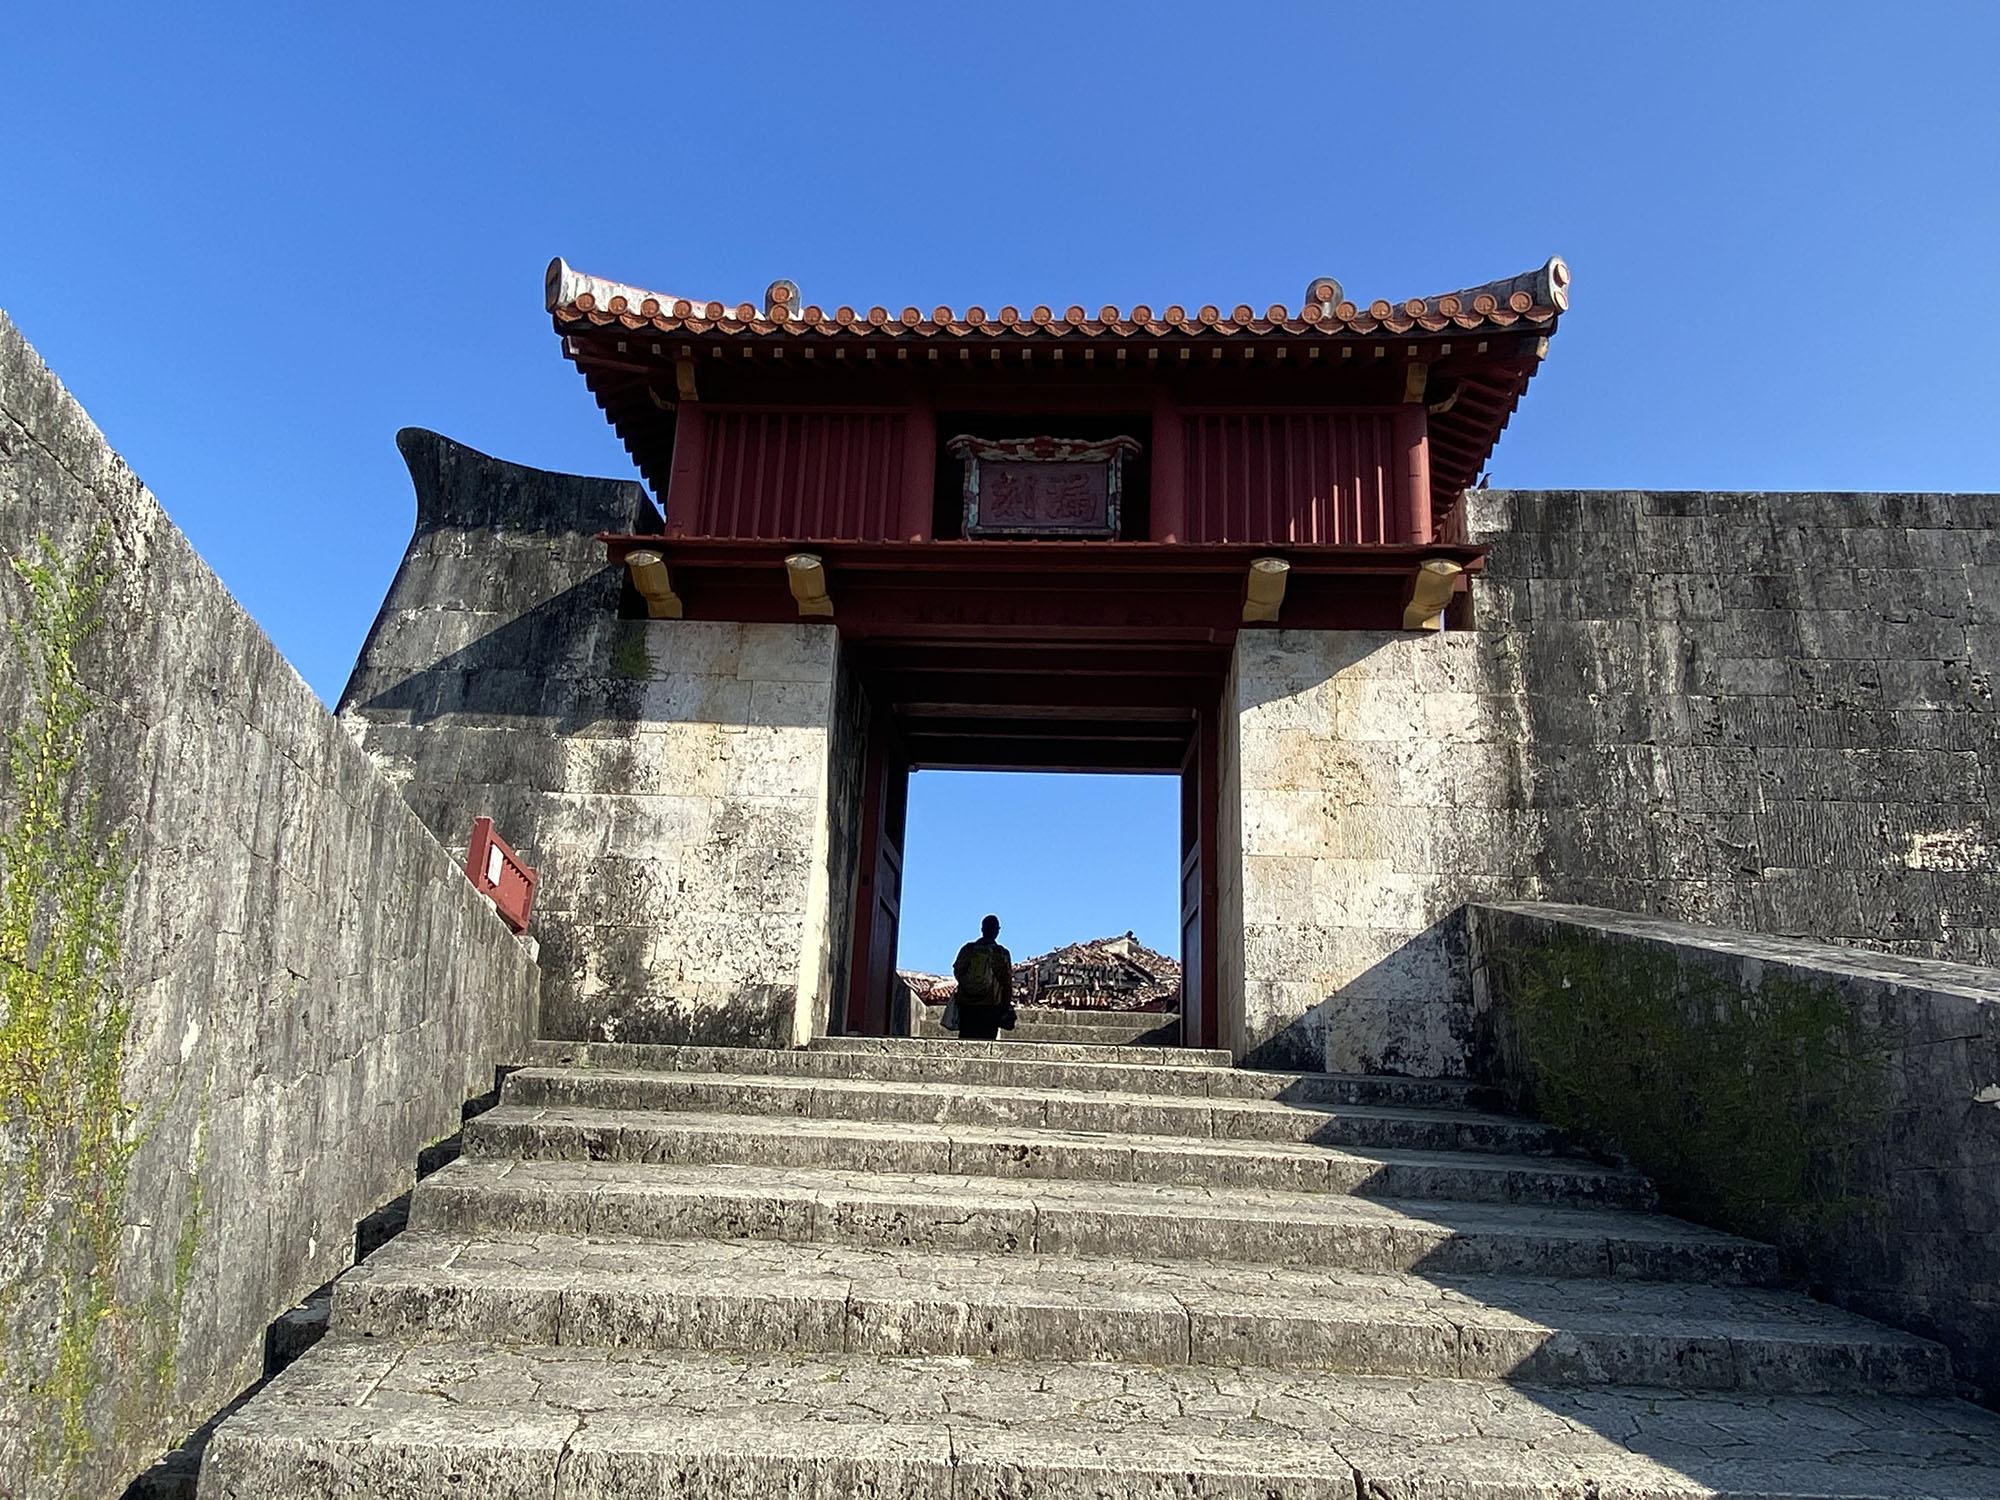 首里城の観光可能なエリアを巡る新しい首里城巡り「首里城復興モデルコース」をまわってみた。|那覇市首里当蔵町|発見!まちまーい